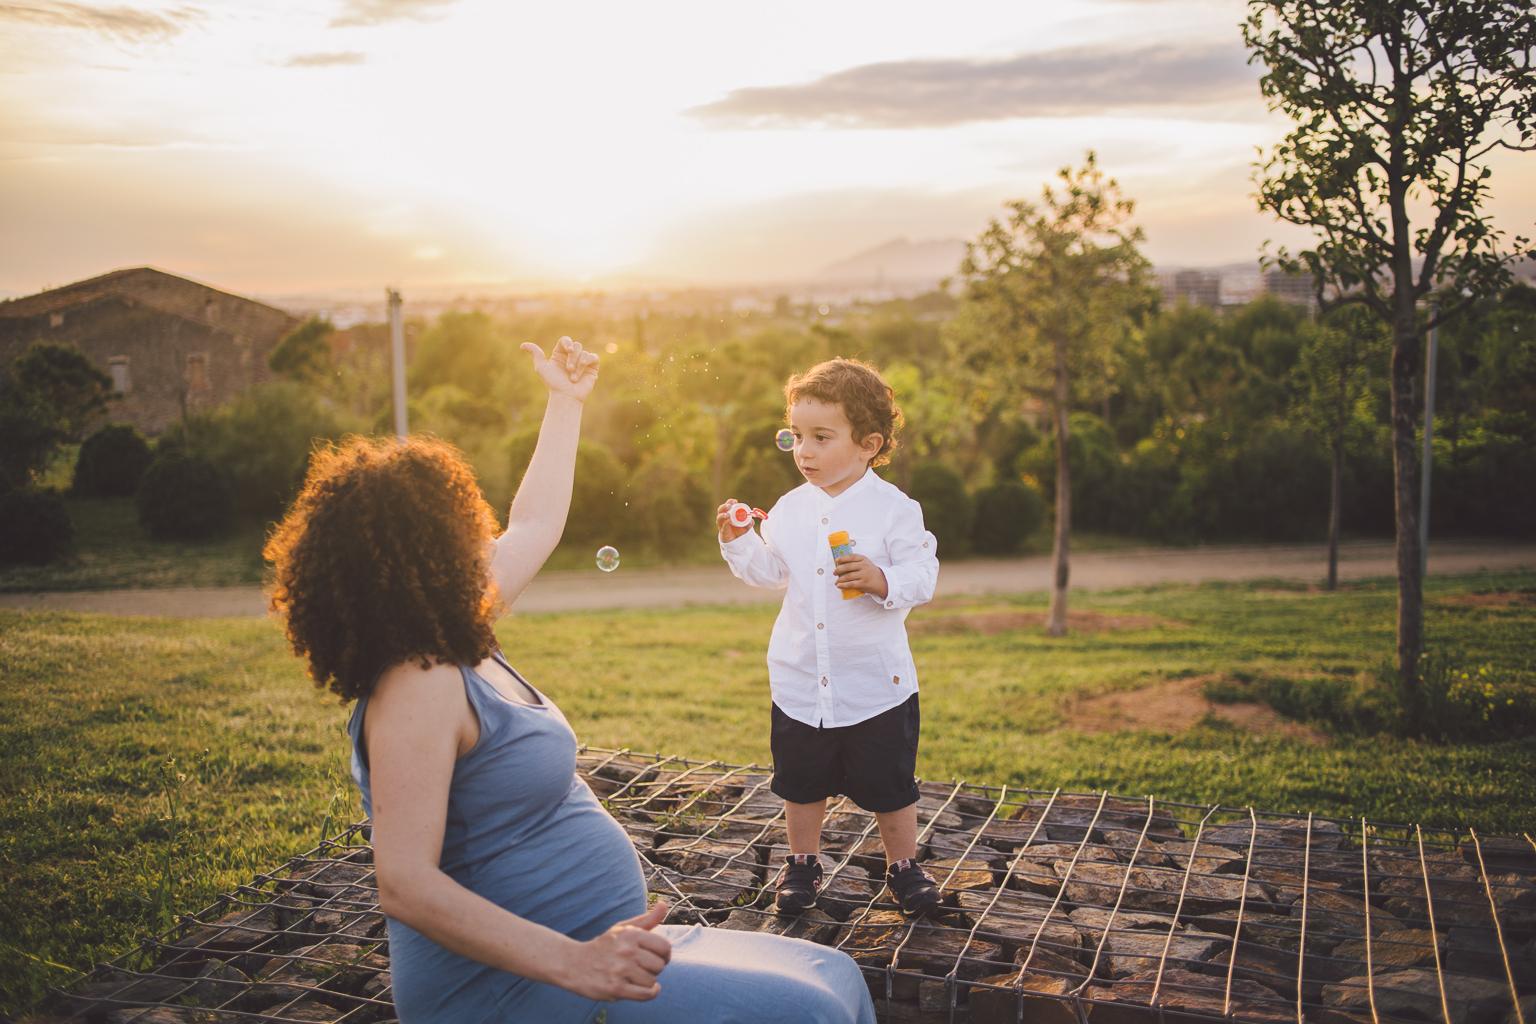 fotógrafo embarazo sant cugat :: turó de can mates :: fotografía de embarazada :: fotógrafo embarazada sant cugat :: fotógrafo familiar